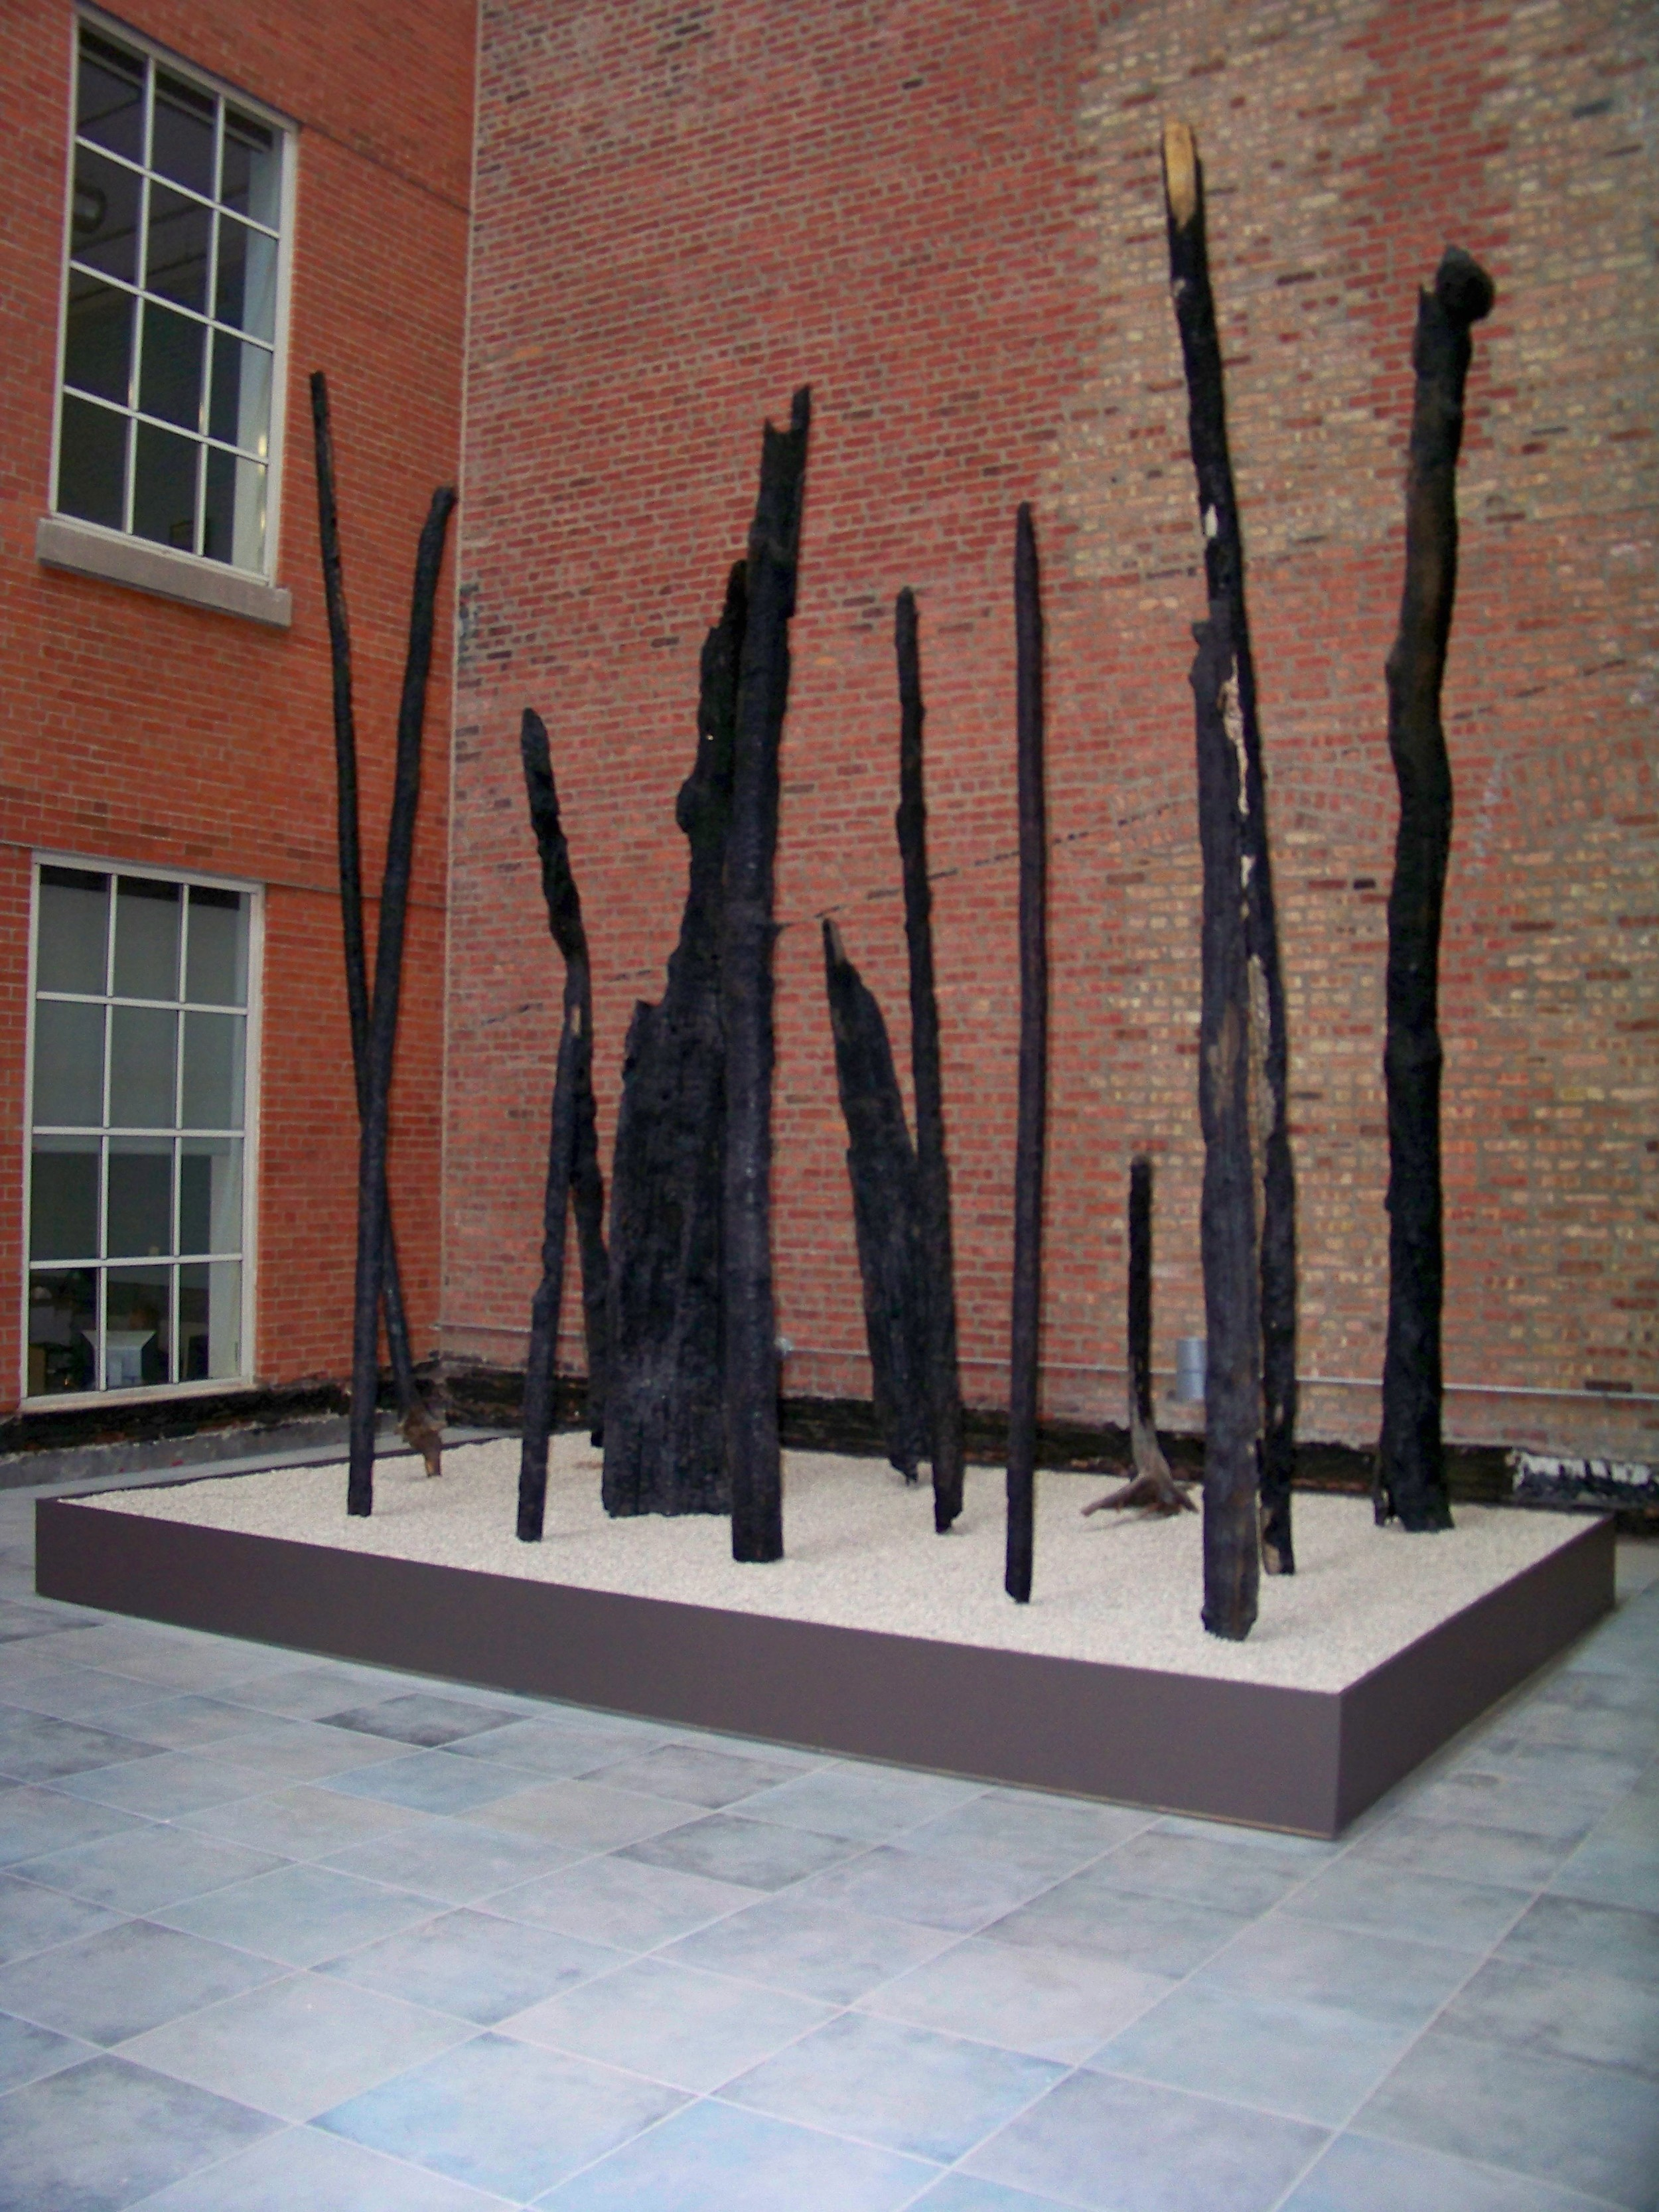 019 - trees of aspen.JPG